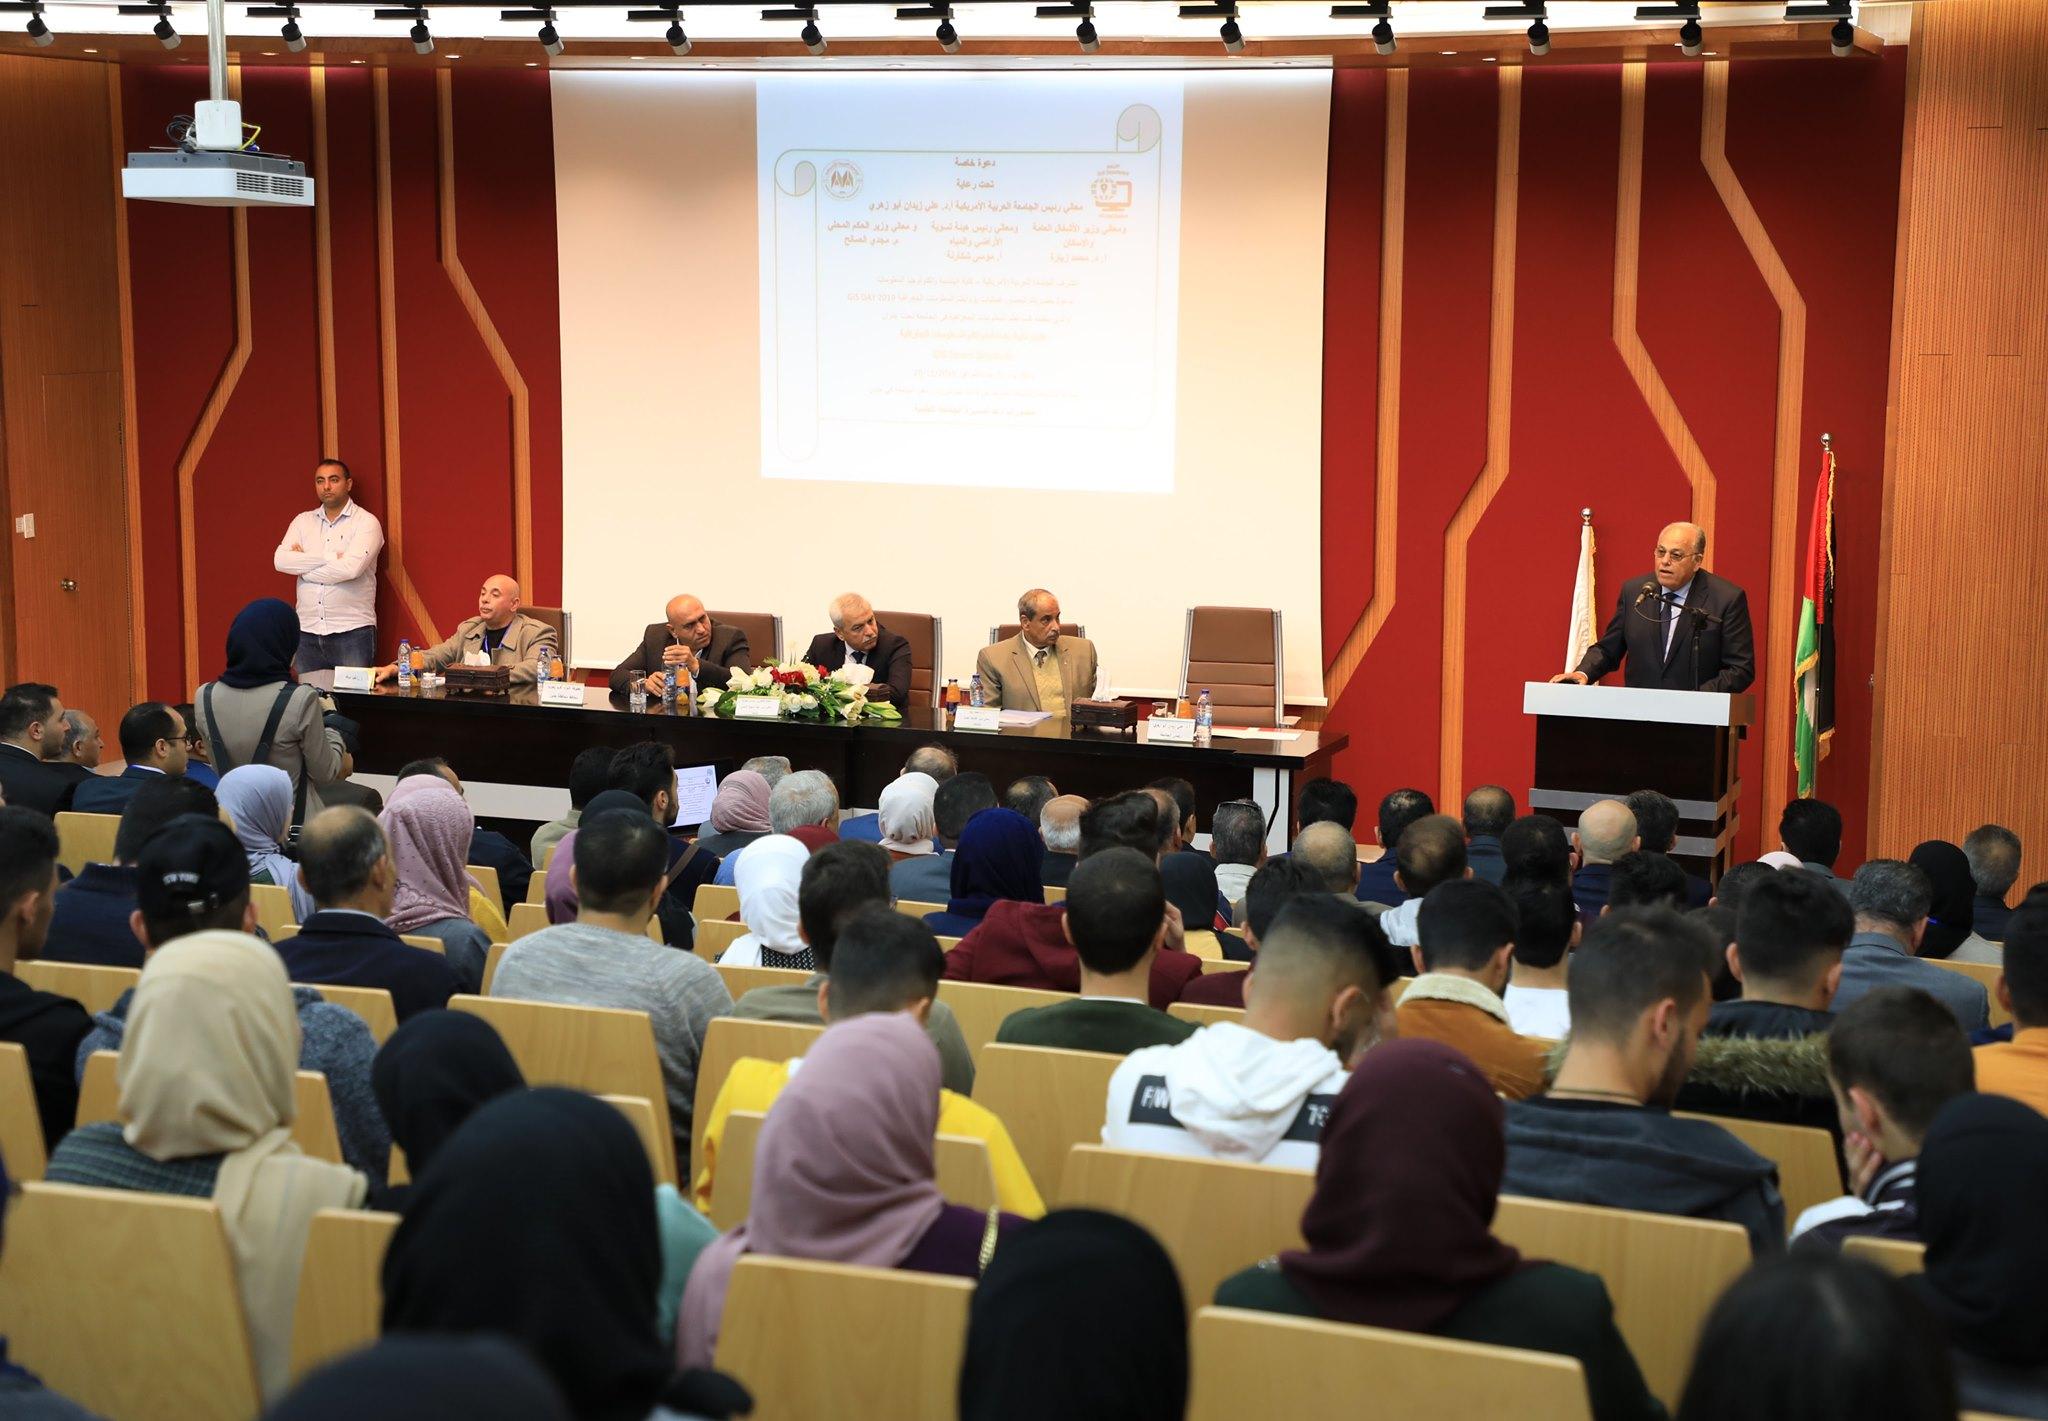 """الجامعة العربية الأمريكية تنظم مؤتمرا بعنوان """"حلول ذكية باستخدام نظم المعلومات الجغرافية"""""""